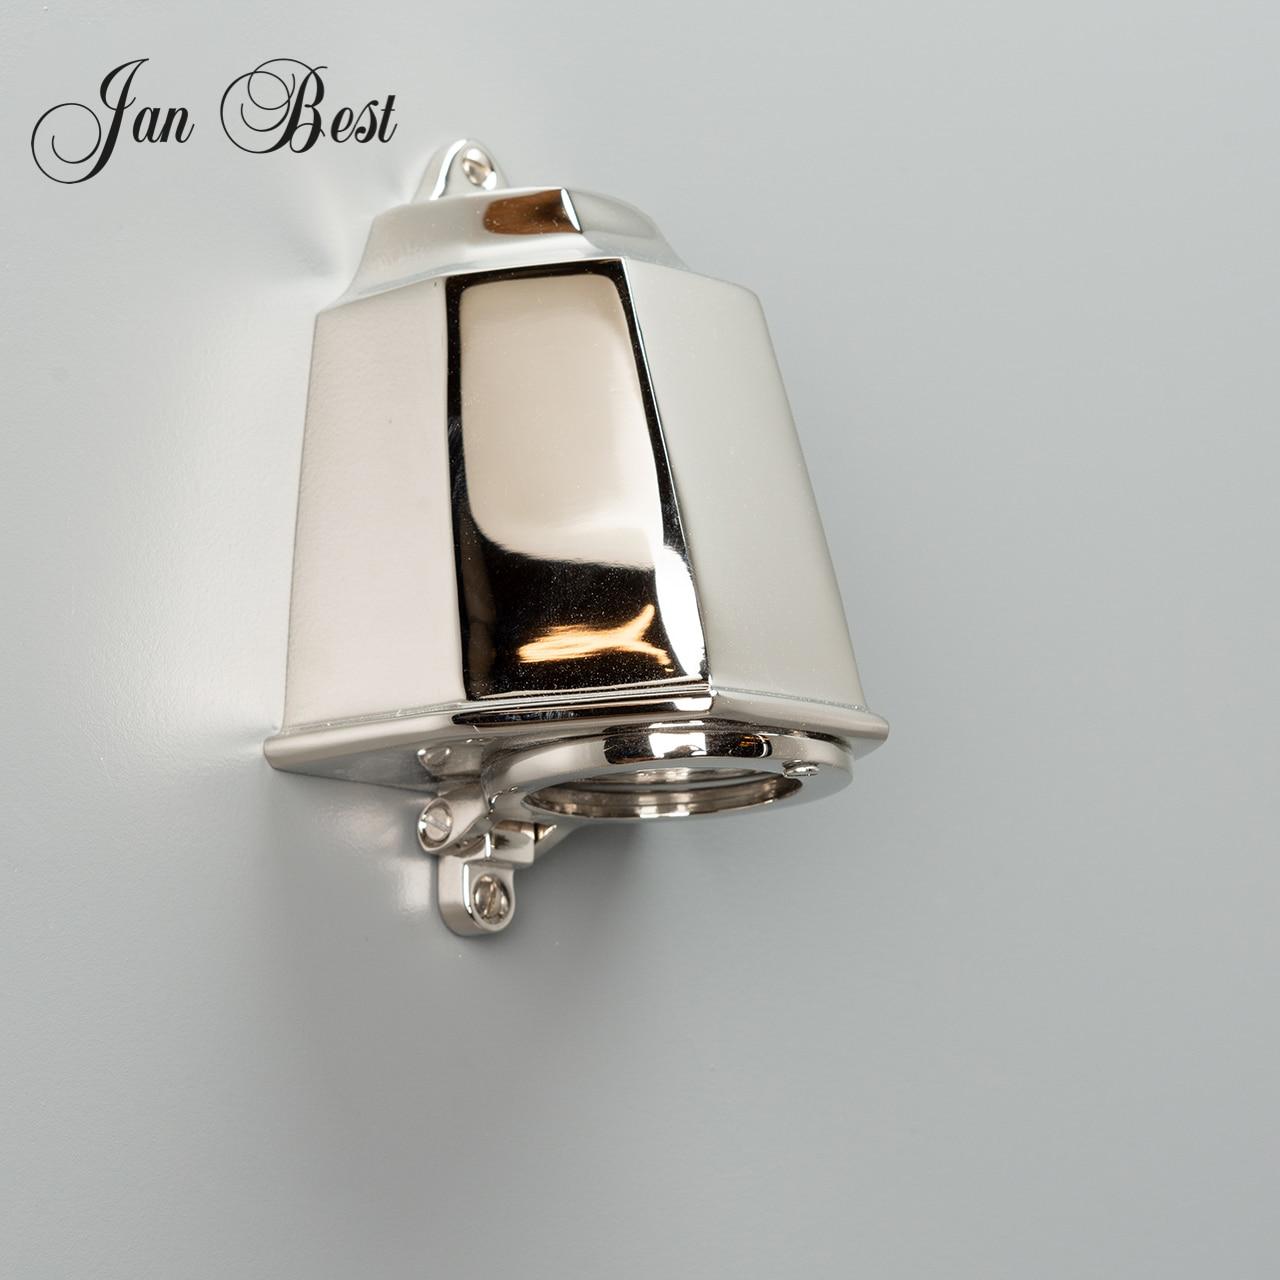 jan-best-messing-downlighter-wandlamp-tuin-terras-buiten-horeca-nostalgische-klassieke-verlichting-aalsmeer